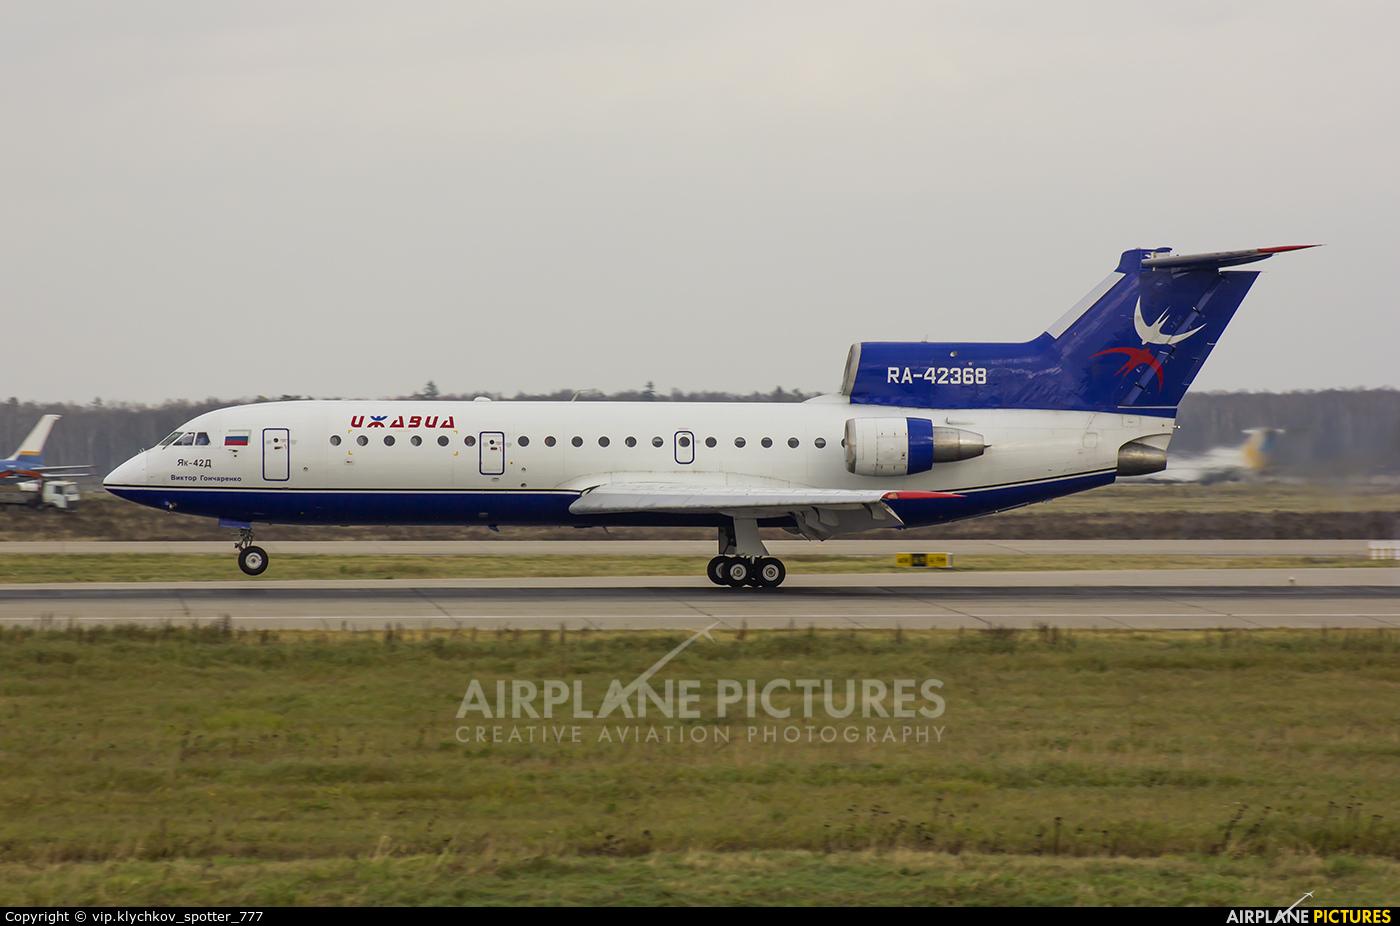 Izhavia RA-42368 aircraft at Moscow - Domodedovo